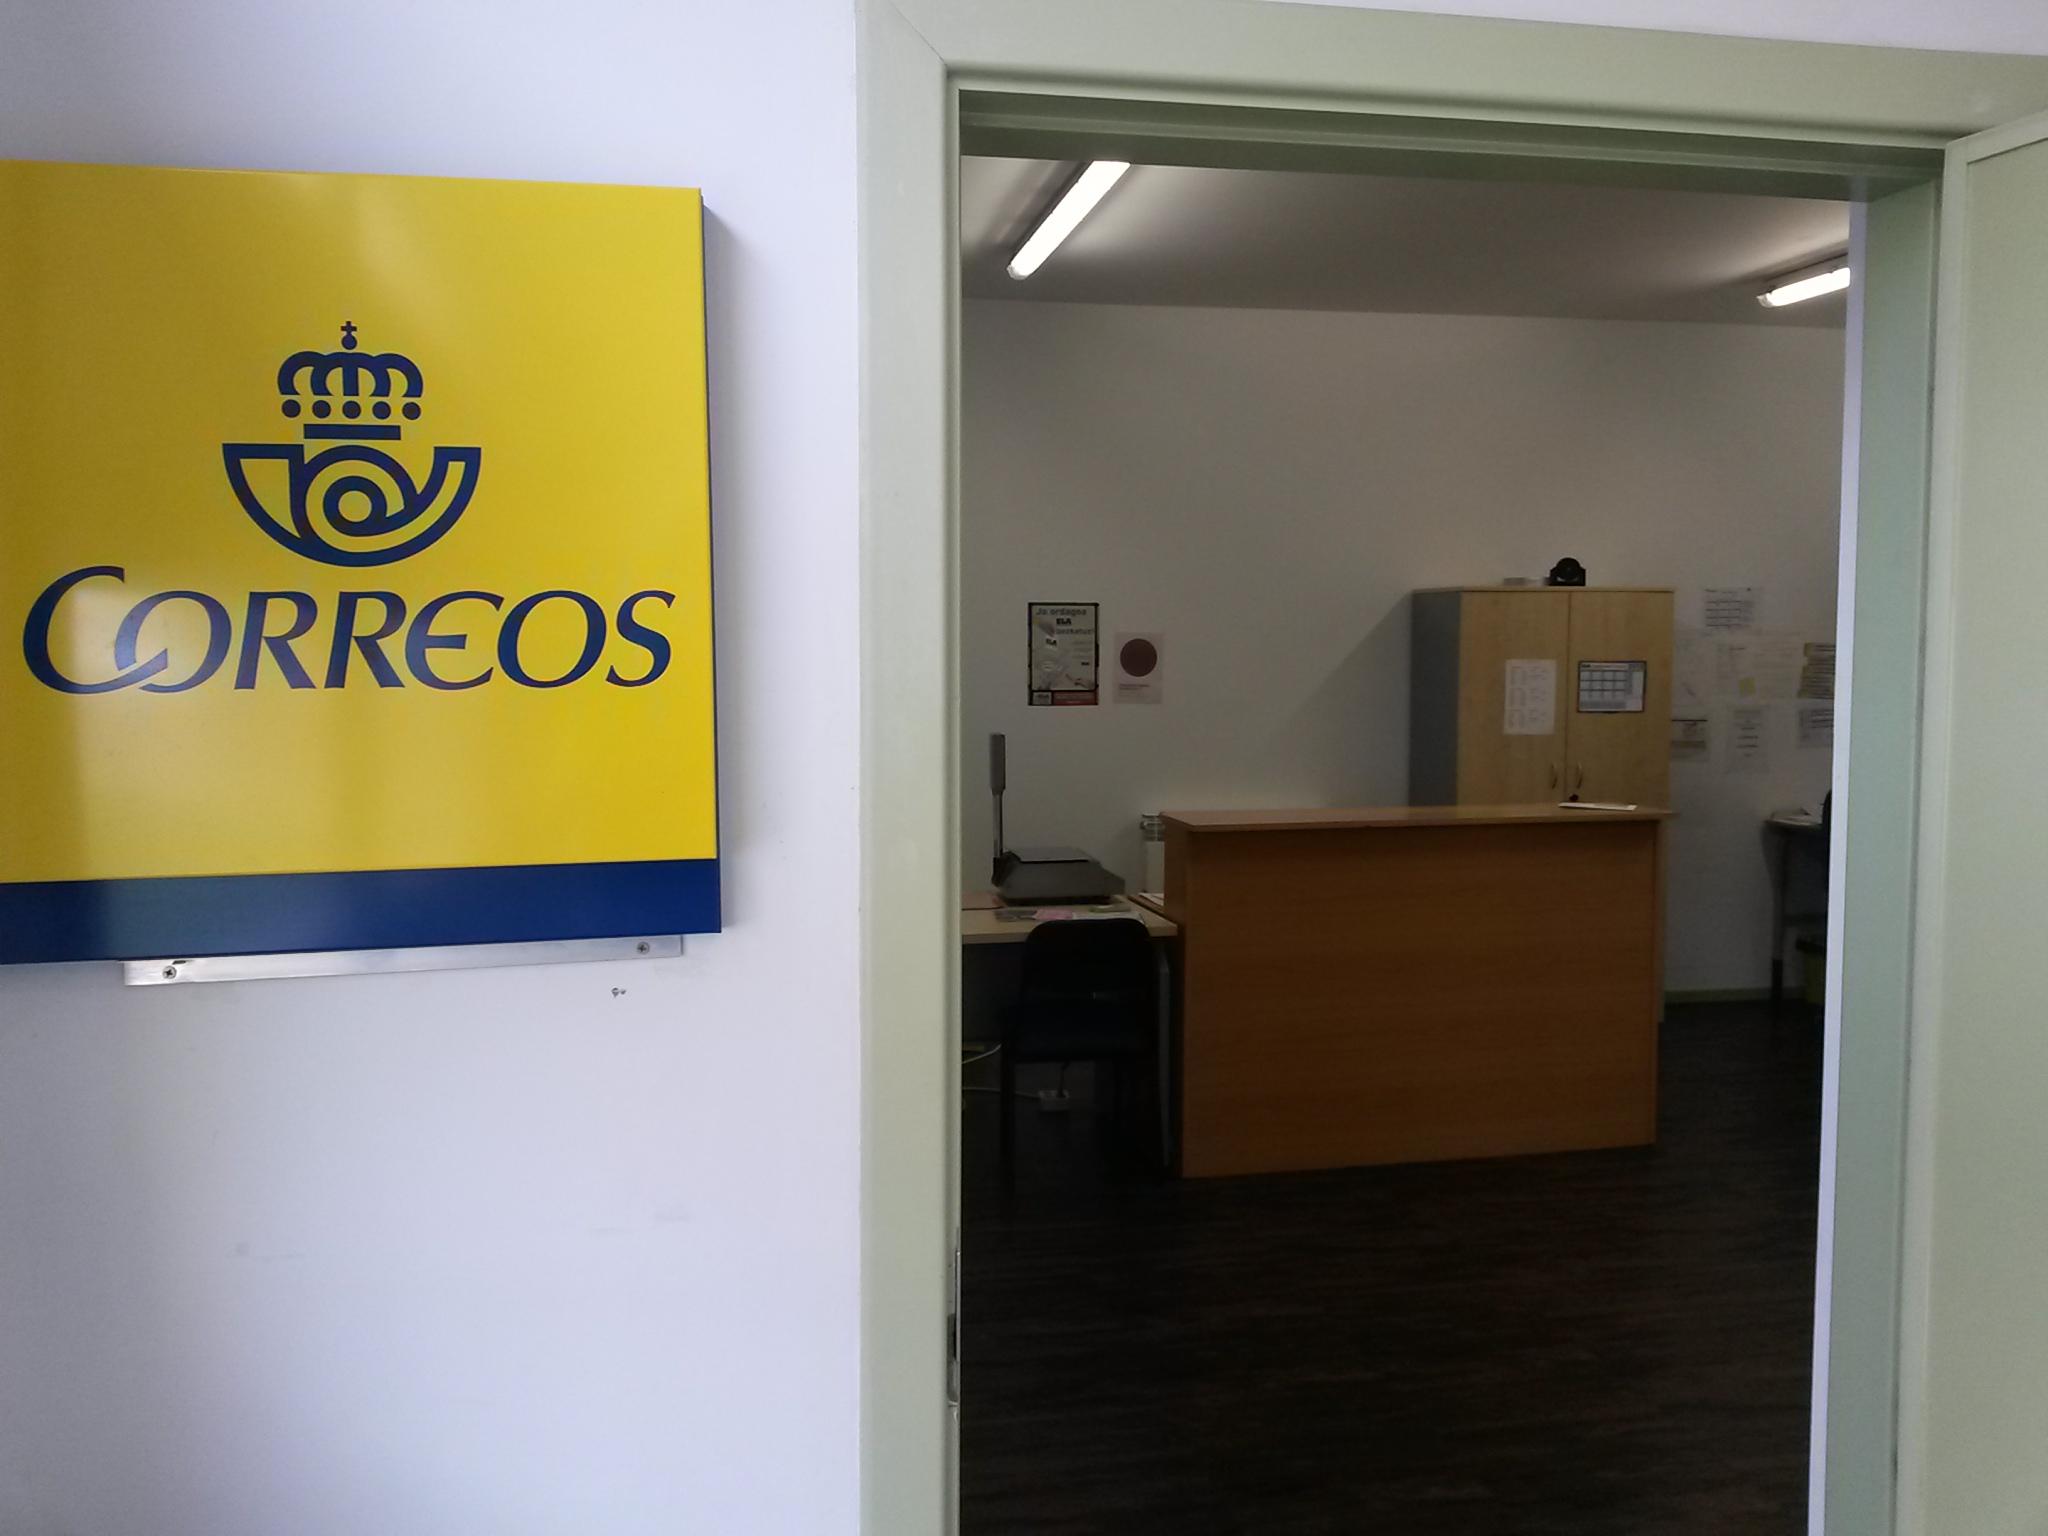 Oficina de correos irura for Oficina de correos tarragona